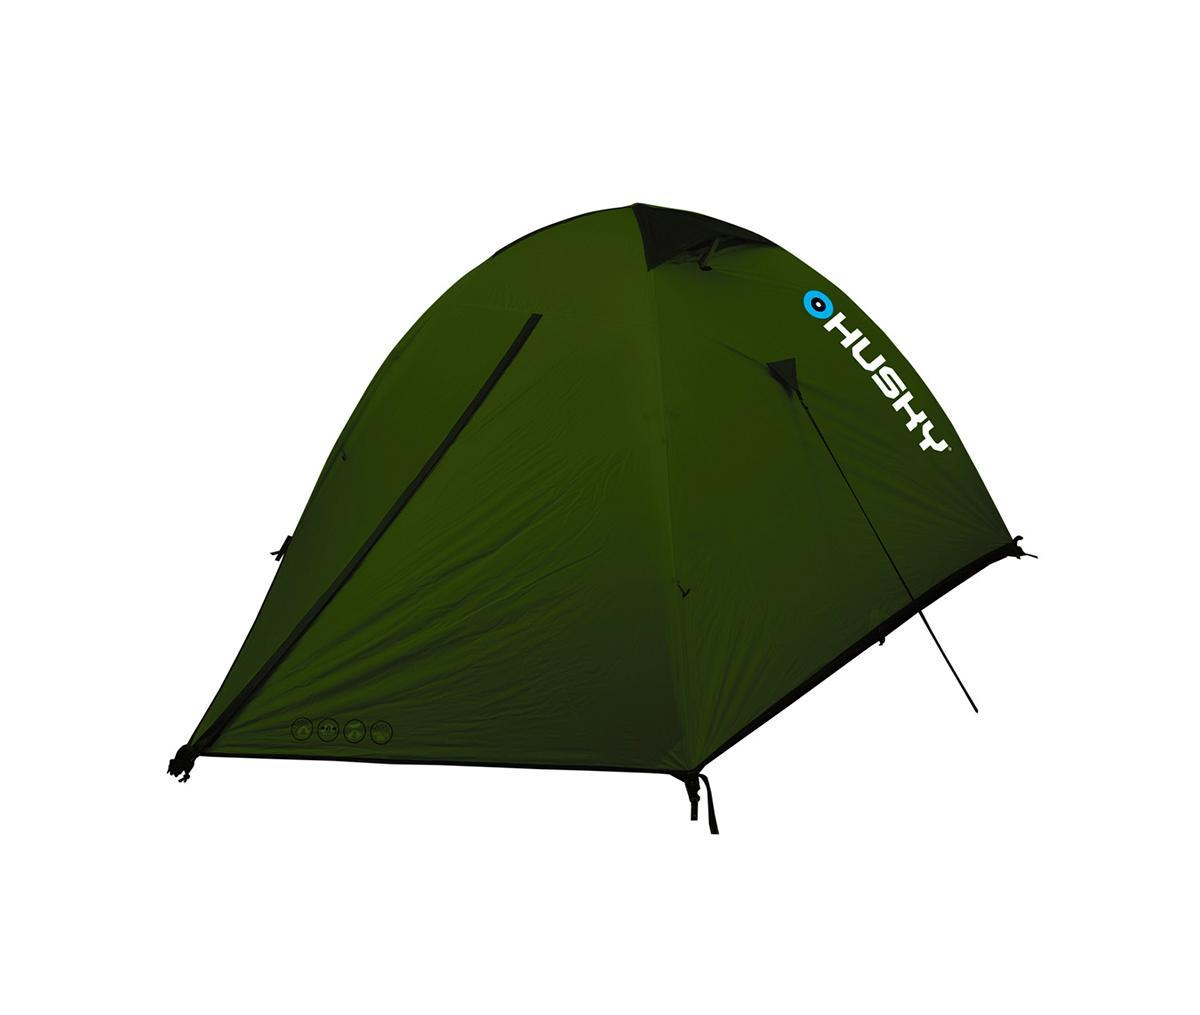 Палатка Husky Sawaj 3 Green, цвет: зеленыйУТ-000052272Двухслойная палатка Sawaj 3 отлично подойдет для путешествий и кемпинга. Палатка рассчитана на трех человек. В палатке имеются два входа и один тамбур. Пригодна для велосипедного туризма, скалолазания, пешего туризма.В комплекте дюралюминиевые колышки, набор для ремонта, компрессионный мешок, карман-сетка.Палатка упакована в чехол с удобной ручкой для переноски. Характеристики:Количество мест: 3. Размер палатки: 200 см х 130 см х 270 см.. Количество входов:2 шт. Материал внешнего тента:30D 280Т Polyester Ripstop с силиконовым покрытием 5000 мм/см2. Материал внутреннего тенда: воздухопроницаемый Nylon 210T, вставки из противомоскитной сетки. Дно: 190Т Polyester с полиуретановым покрытием 8000 мм/см2. Материал дуг:алюминий. Габариты палатки в упакованном виде:50 см х 18 см х 18 см. Вес: 2900 г. Цвет:зеленый. Производитель: Чехия. Изготовитель: Китай. Артикул:Sawaj 3.